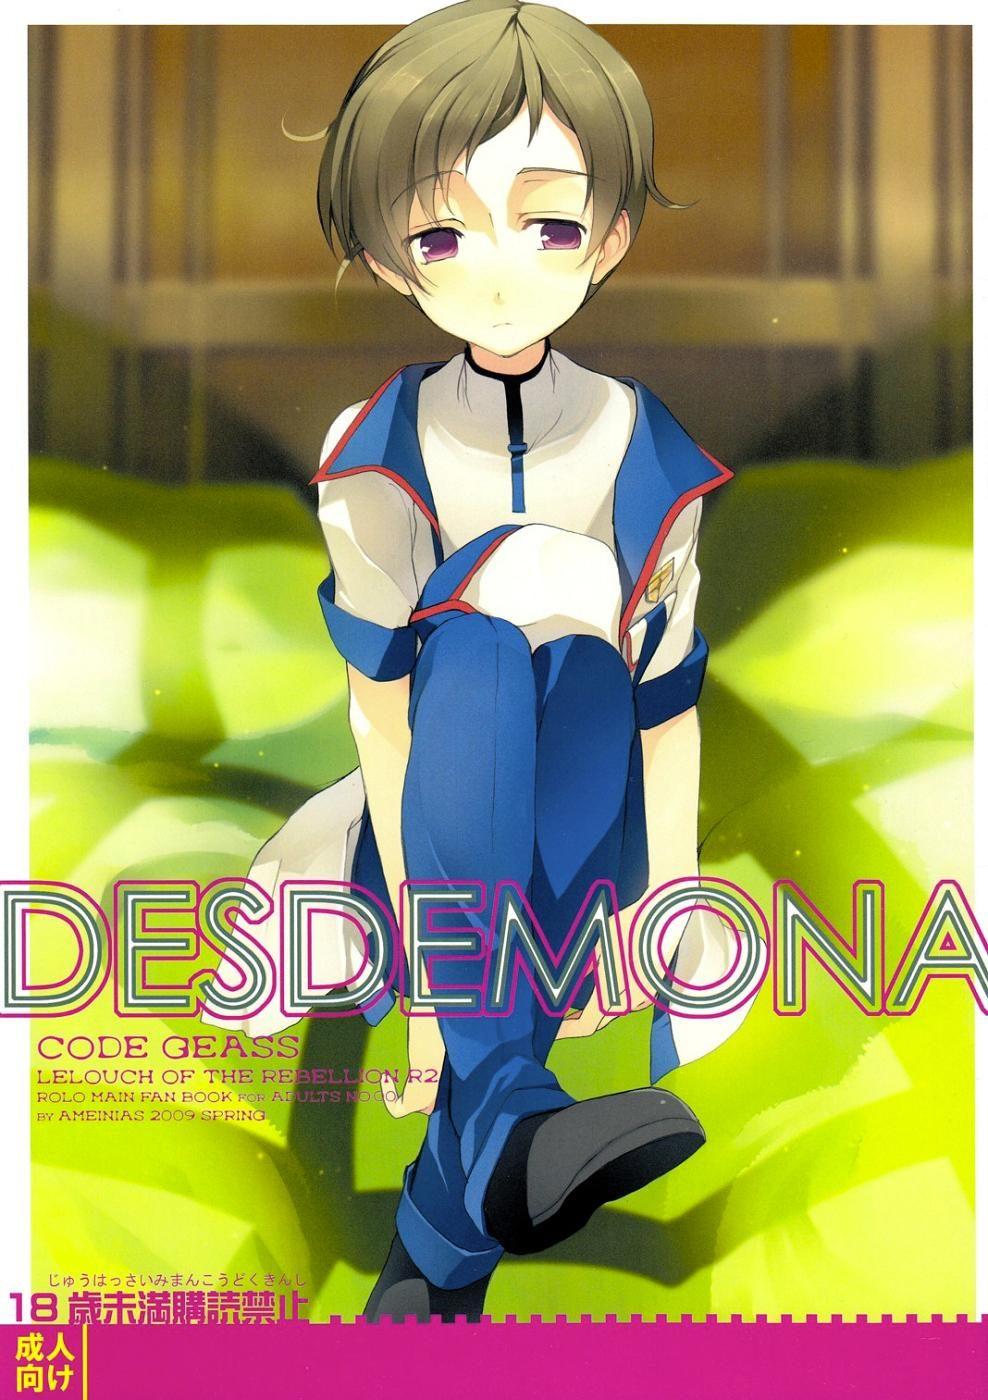 【コードギアスBLエロ同人誌】モブ×ロロ「DESDEMONA」※ショタ有り【ボーイズラブ漫画】